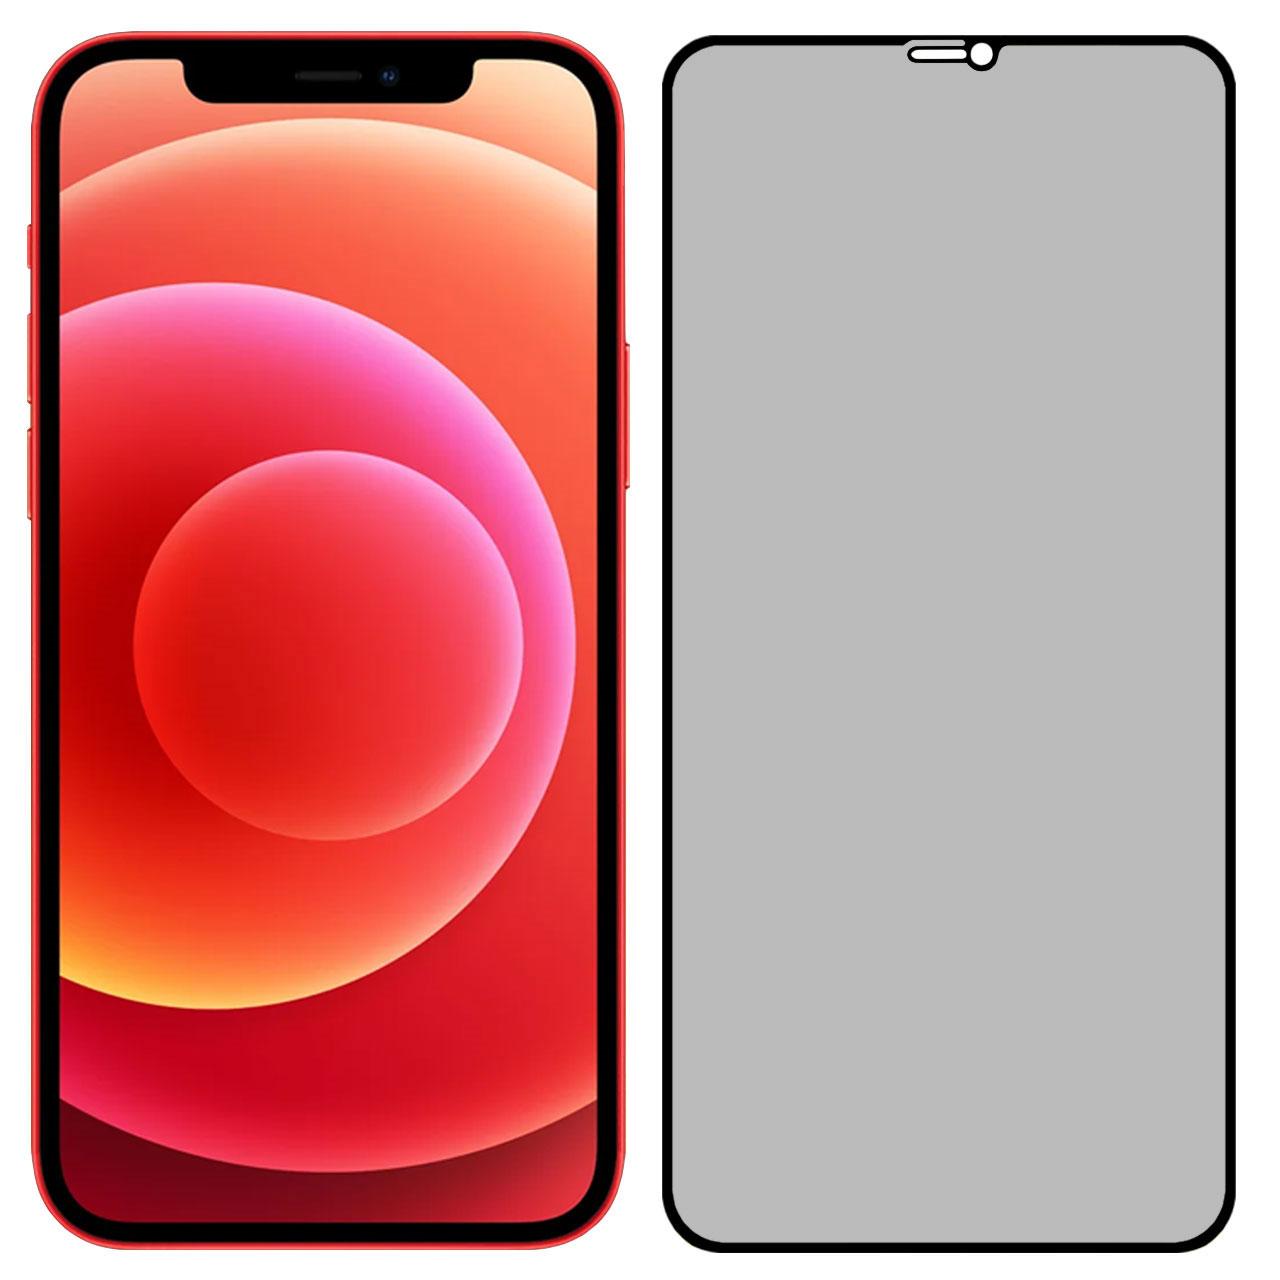 محافظ صفحه نمایش حریم شخصی مدل PRV مناسب برای گوشی موبایل اپل iPhone 12 / iPhone 12 Pro